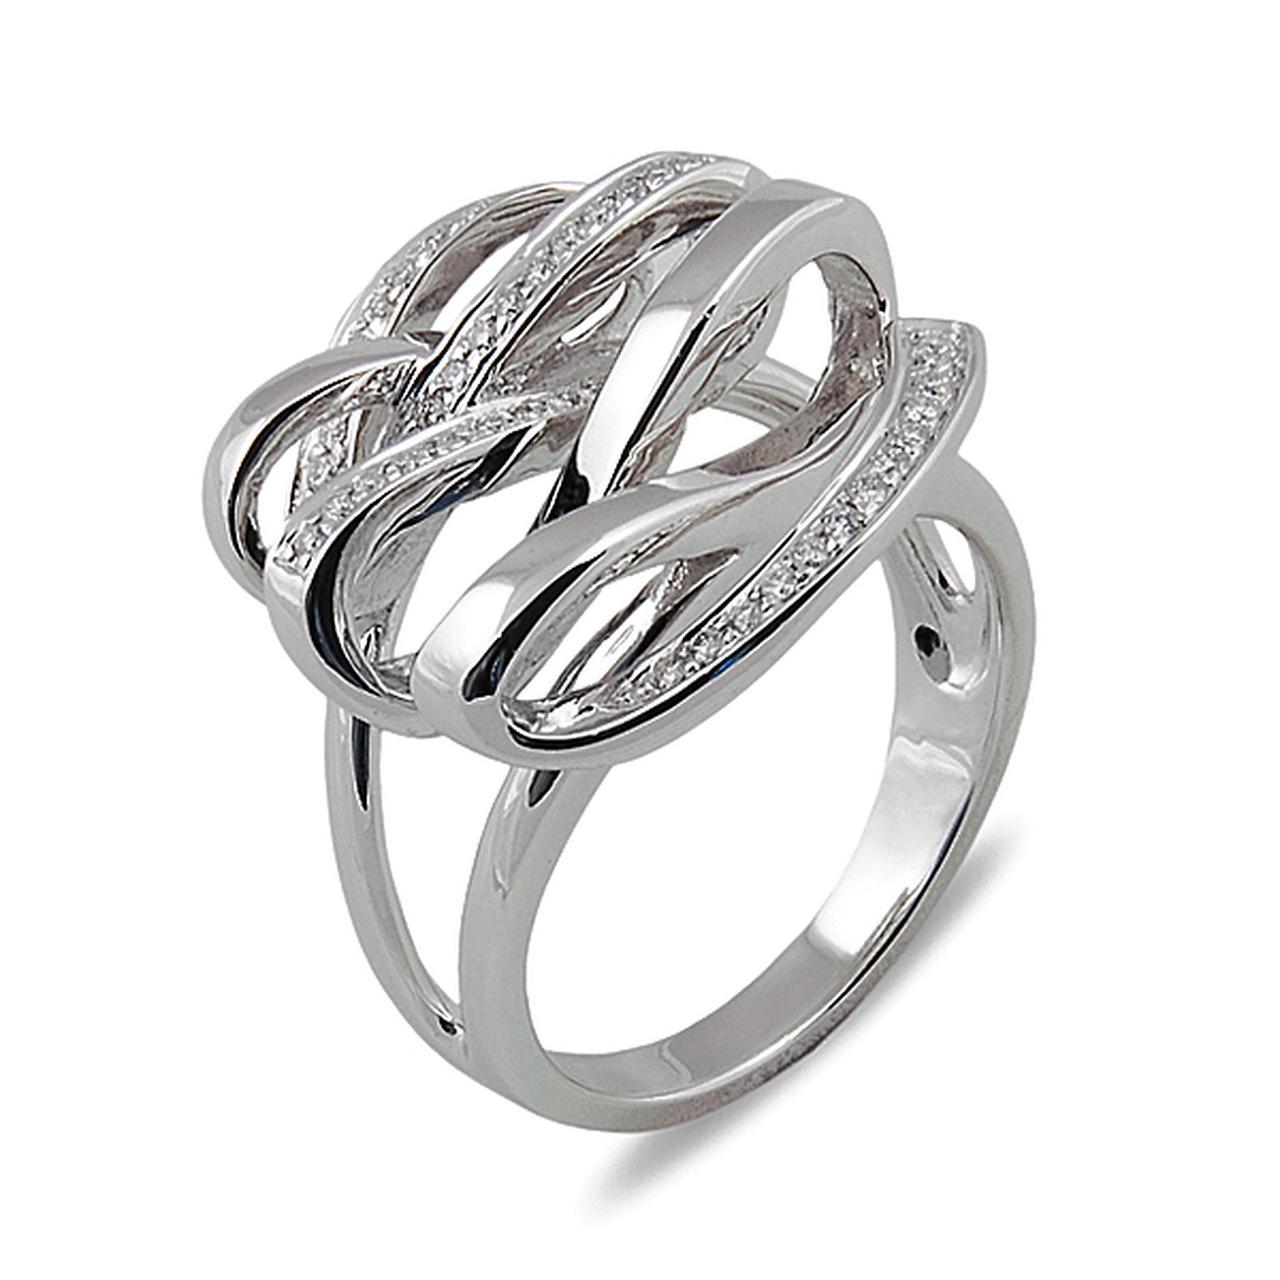 Золотое кольцо с бриллиантами, размер 17 (000100)